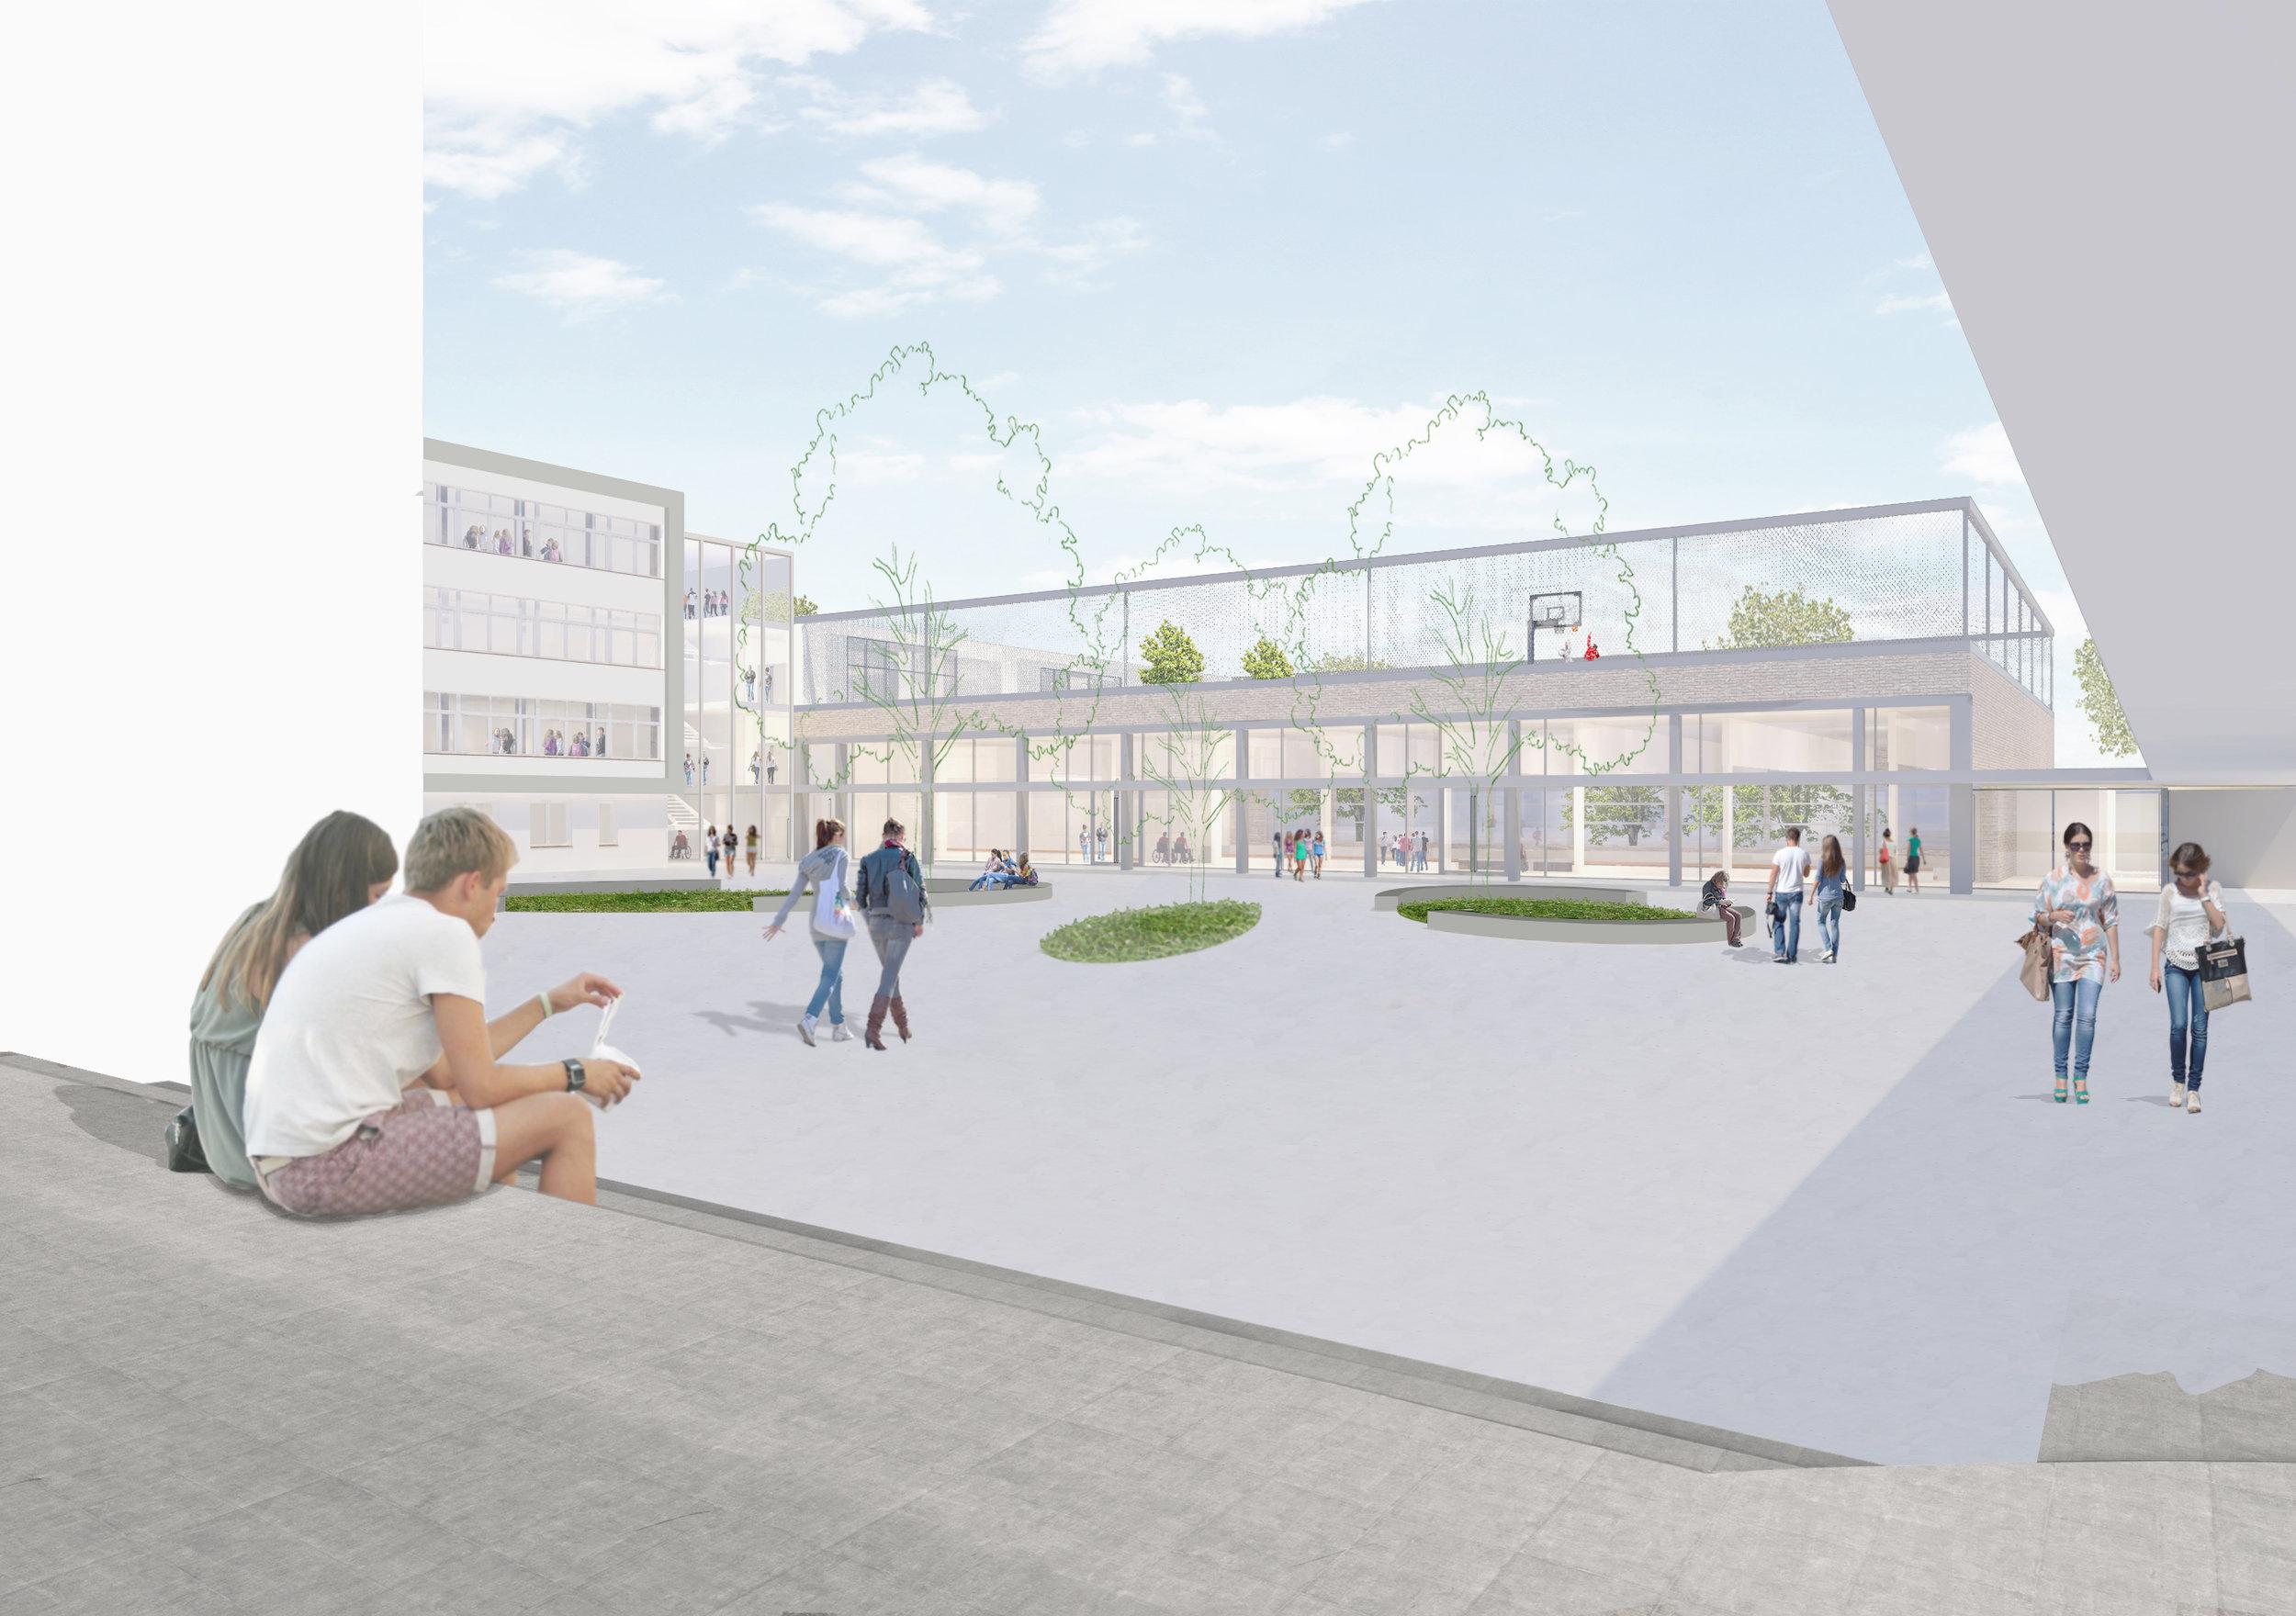 Wettbewerb - Wir freuen uns über den 3. Platz beim Wettbewerb um den Neubau einer dreifach-Sporthalle in Herford